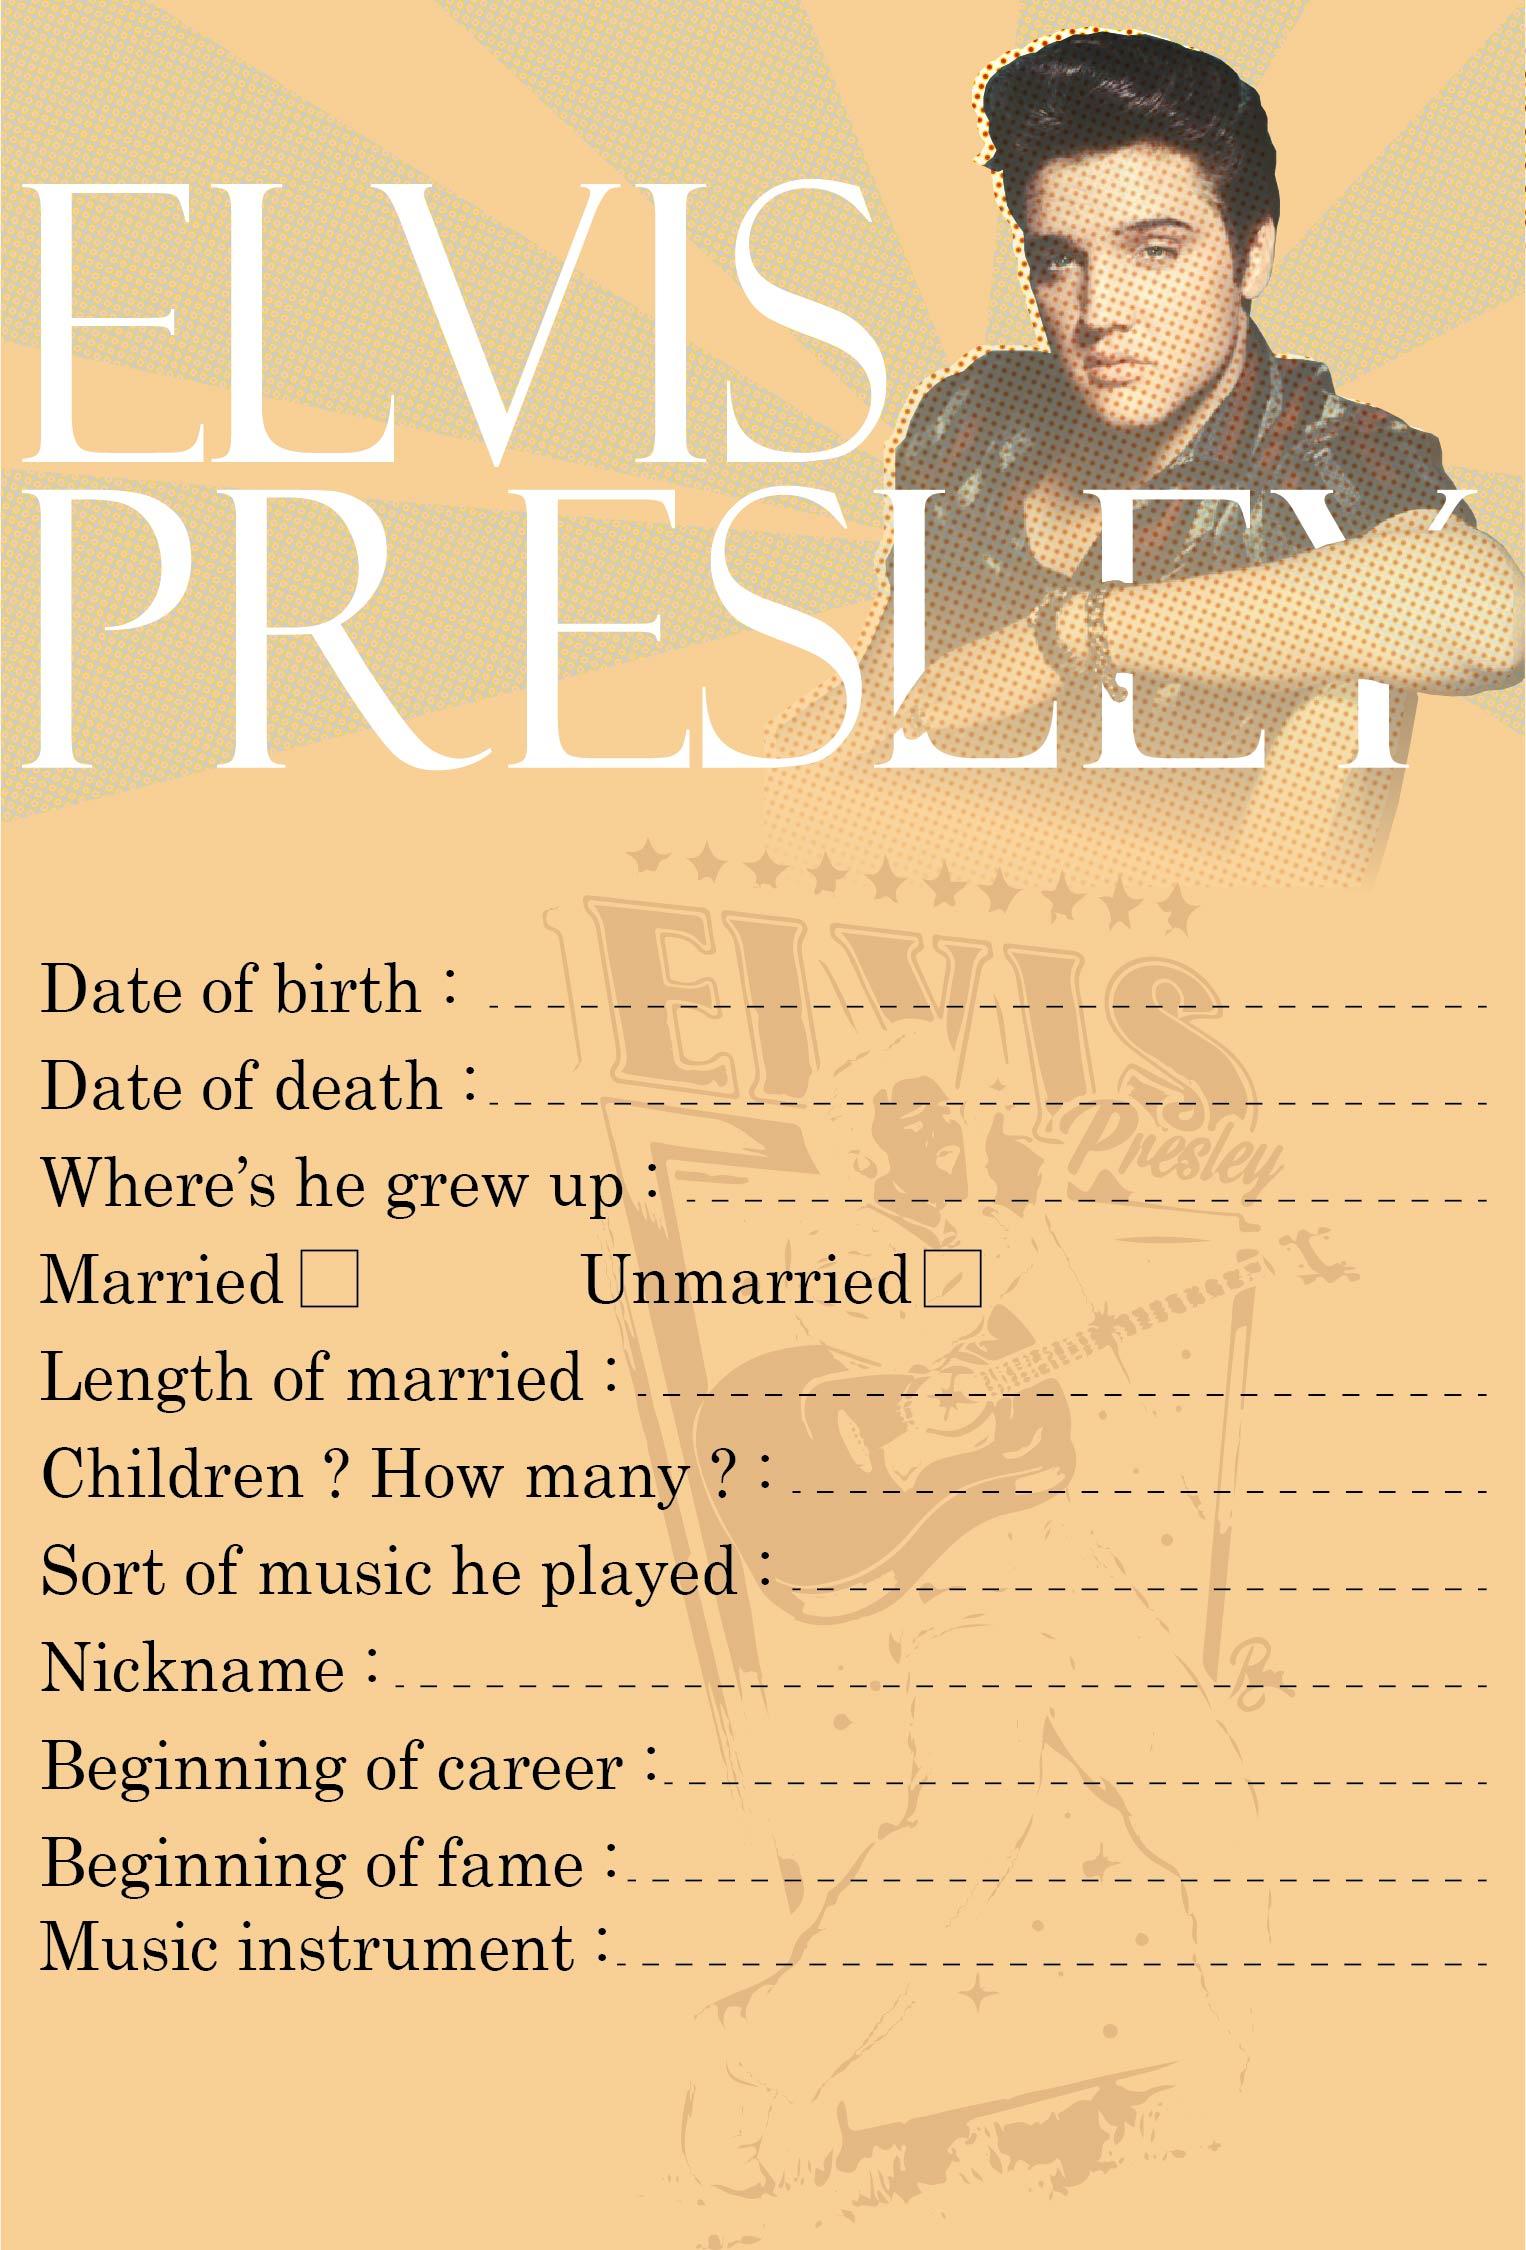 Elvis Presley Printable Games